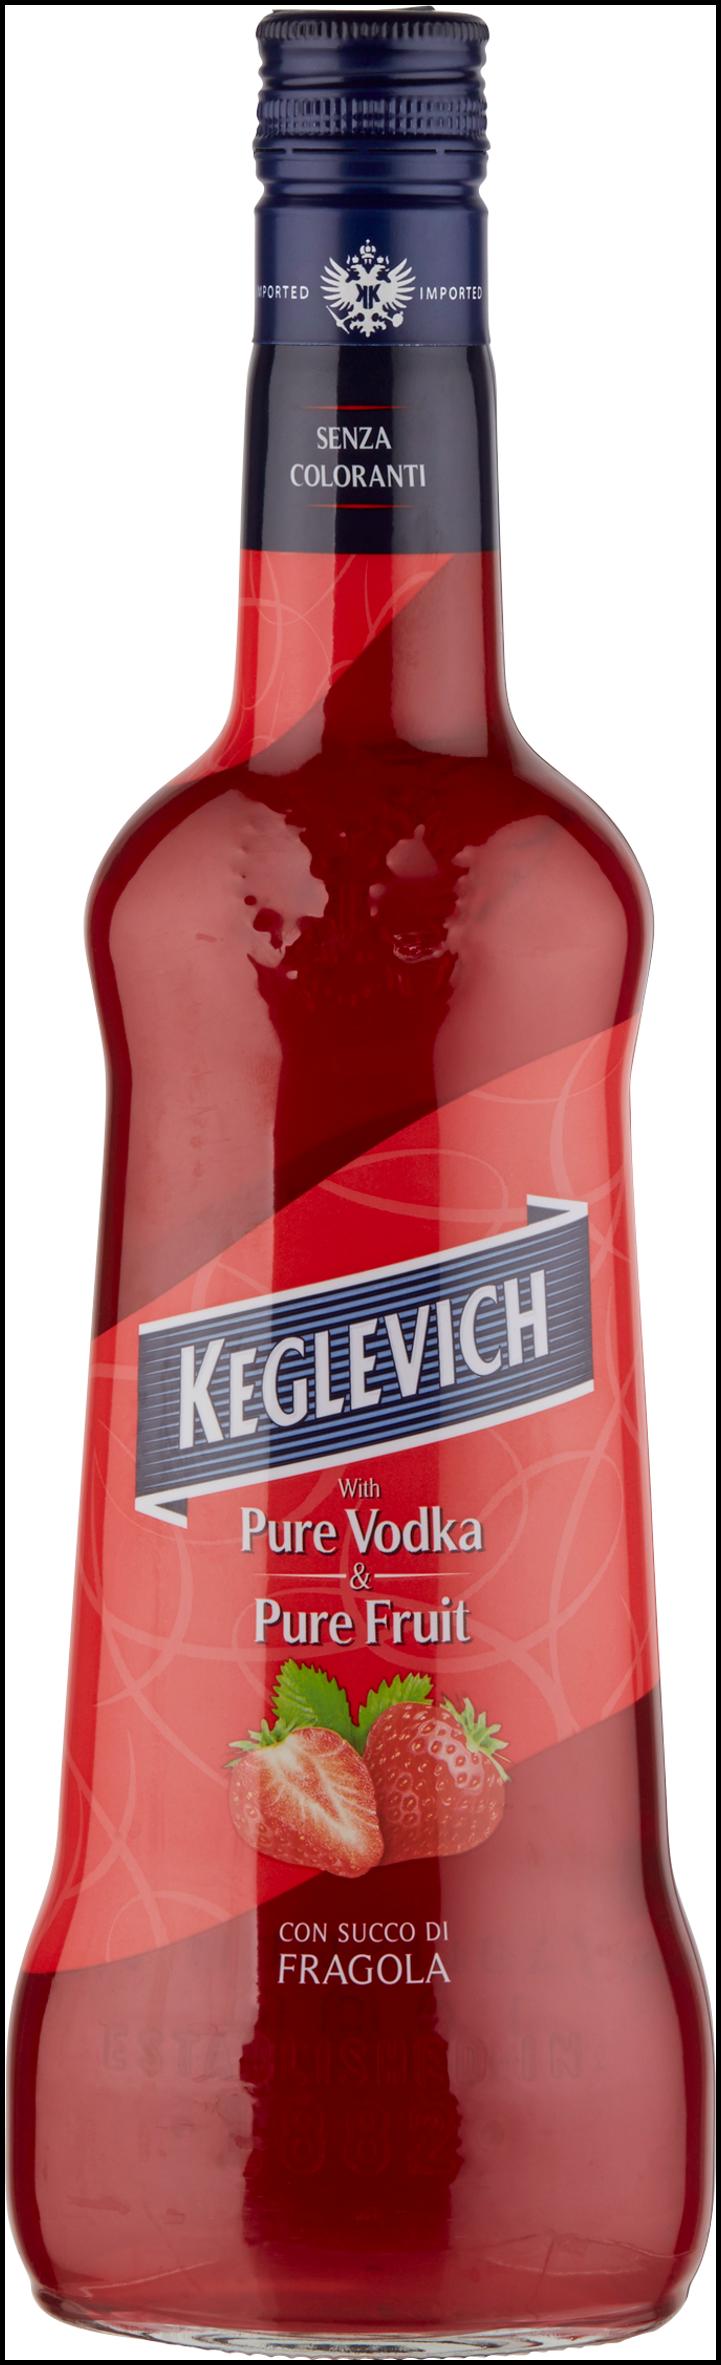 VODKA KEGLEVICH FRAGOLA CL.70